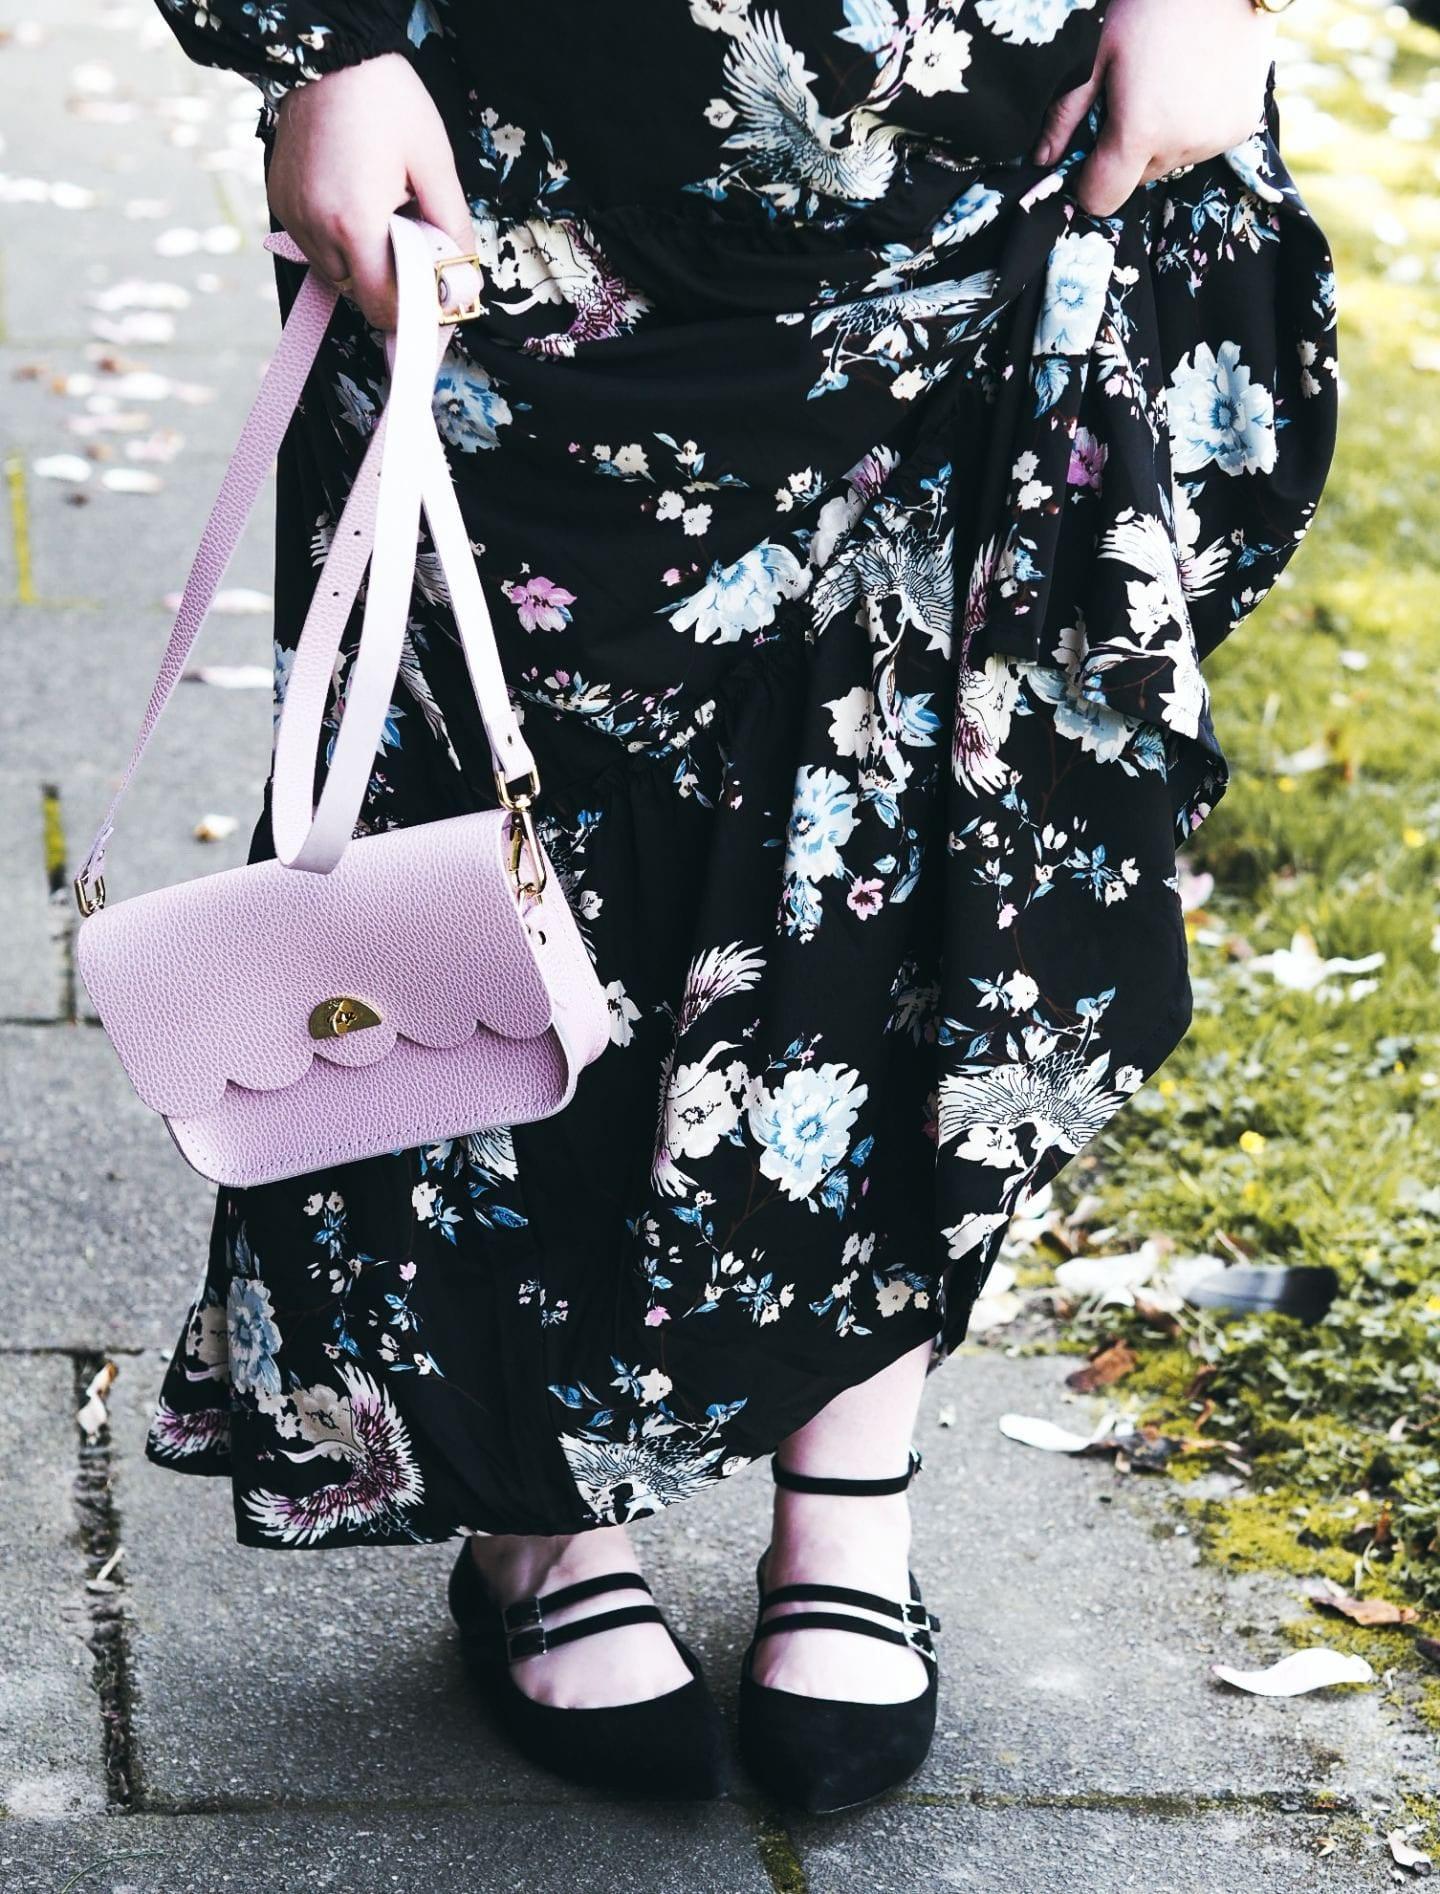 cambridge-satchel-company-co handbag-pink--cloud bag review clutch